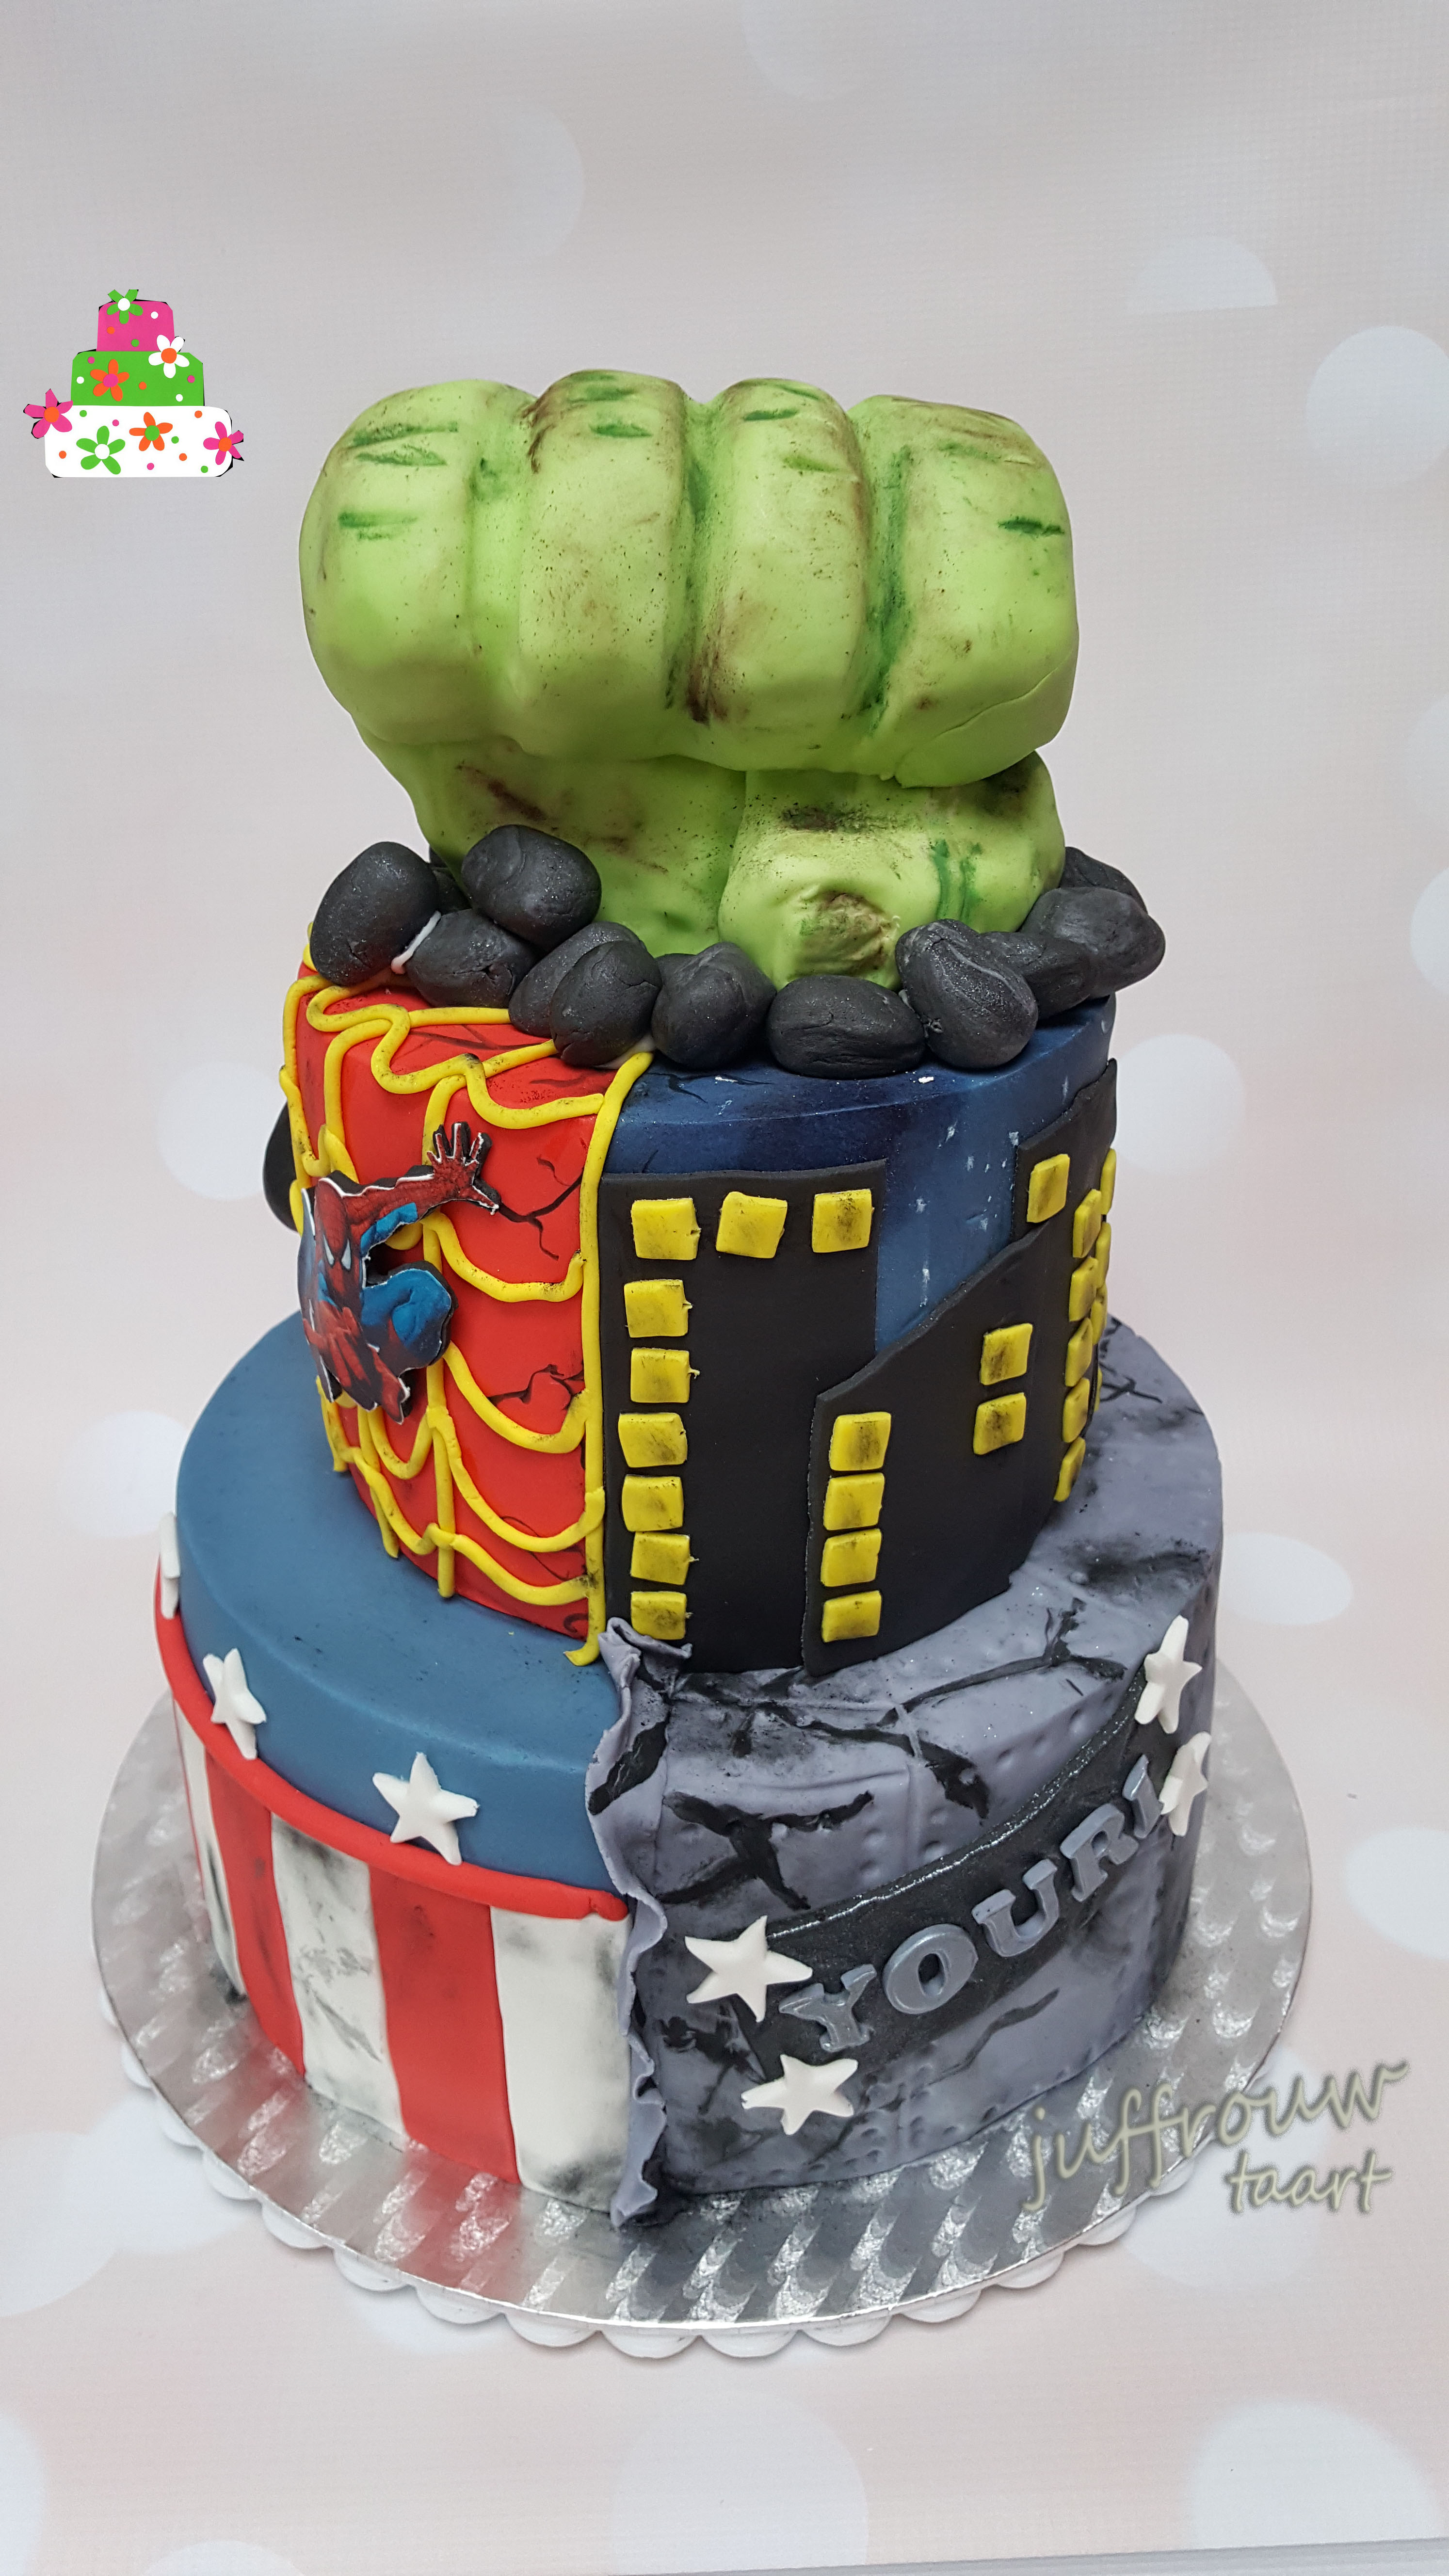 avengers taart Avengers taart voor Youri   Juffrouw taart winsum avengers taart